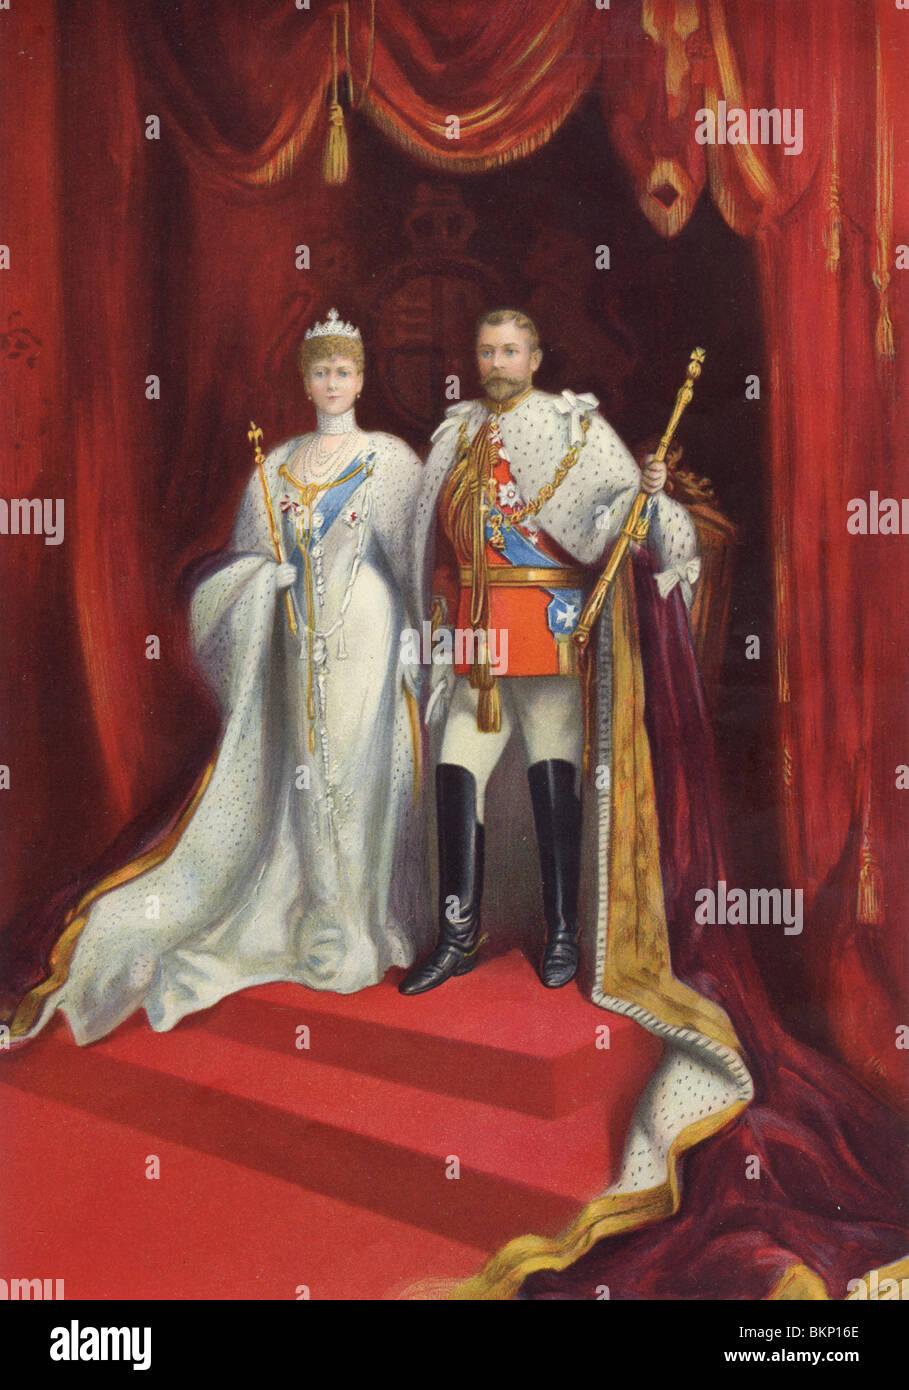 King & Queen - Stock Image